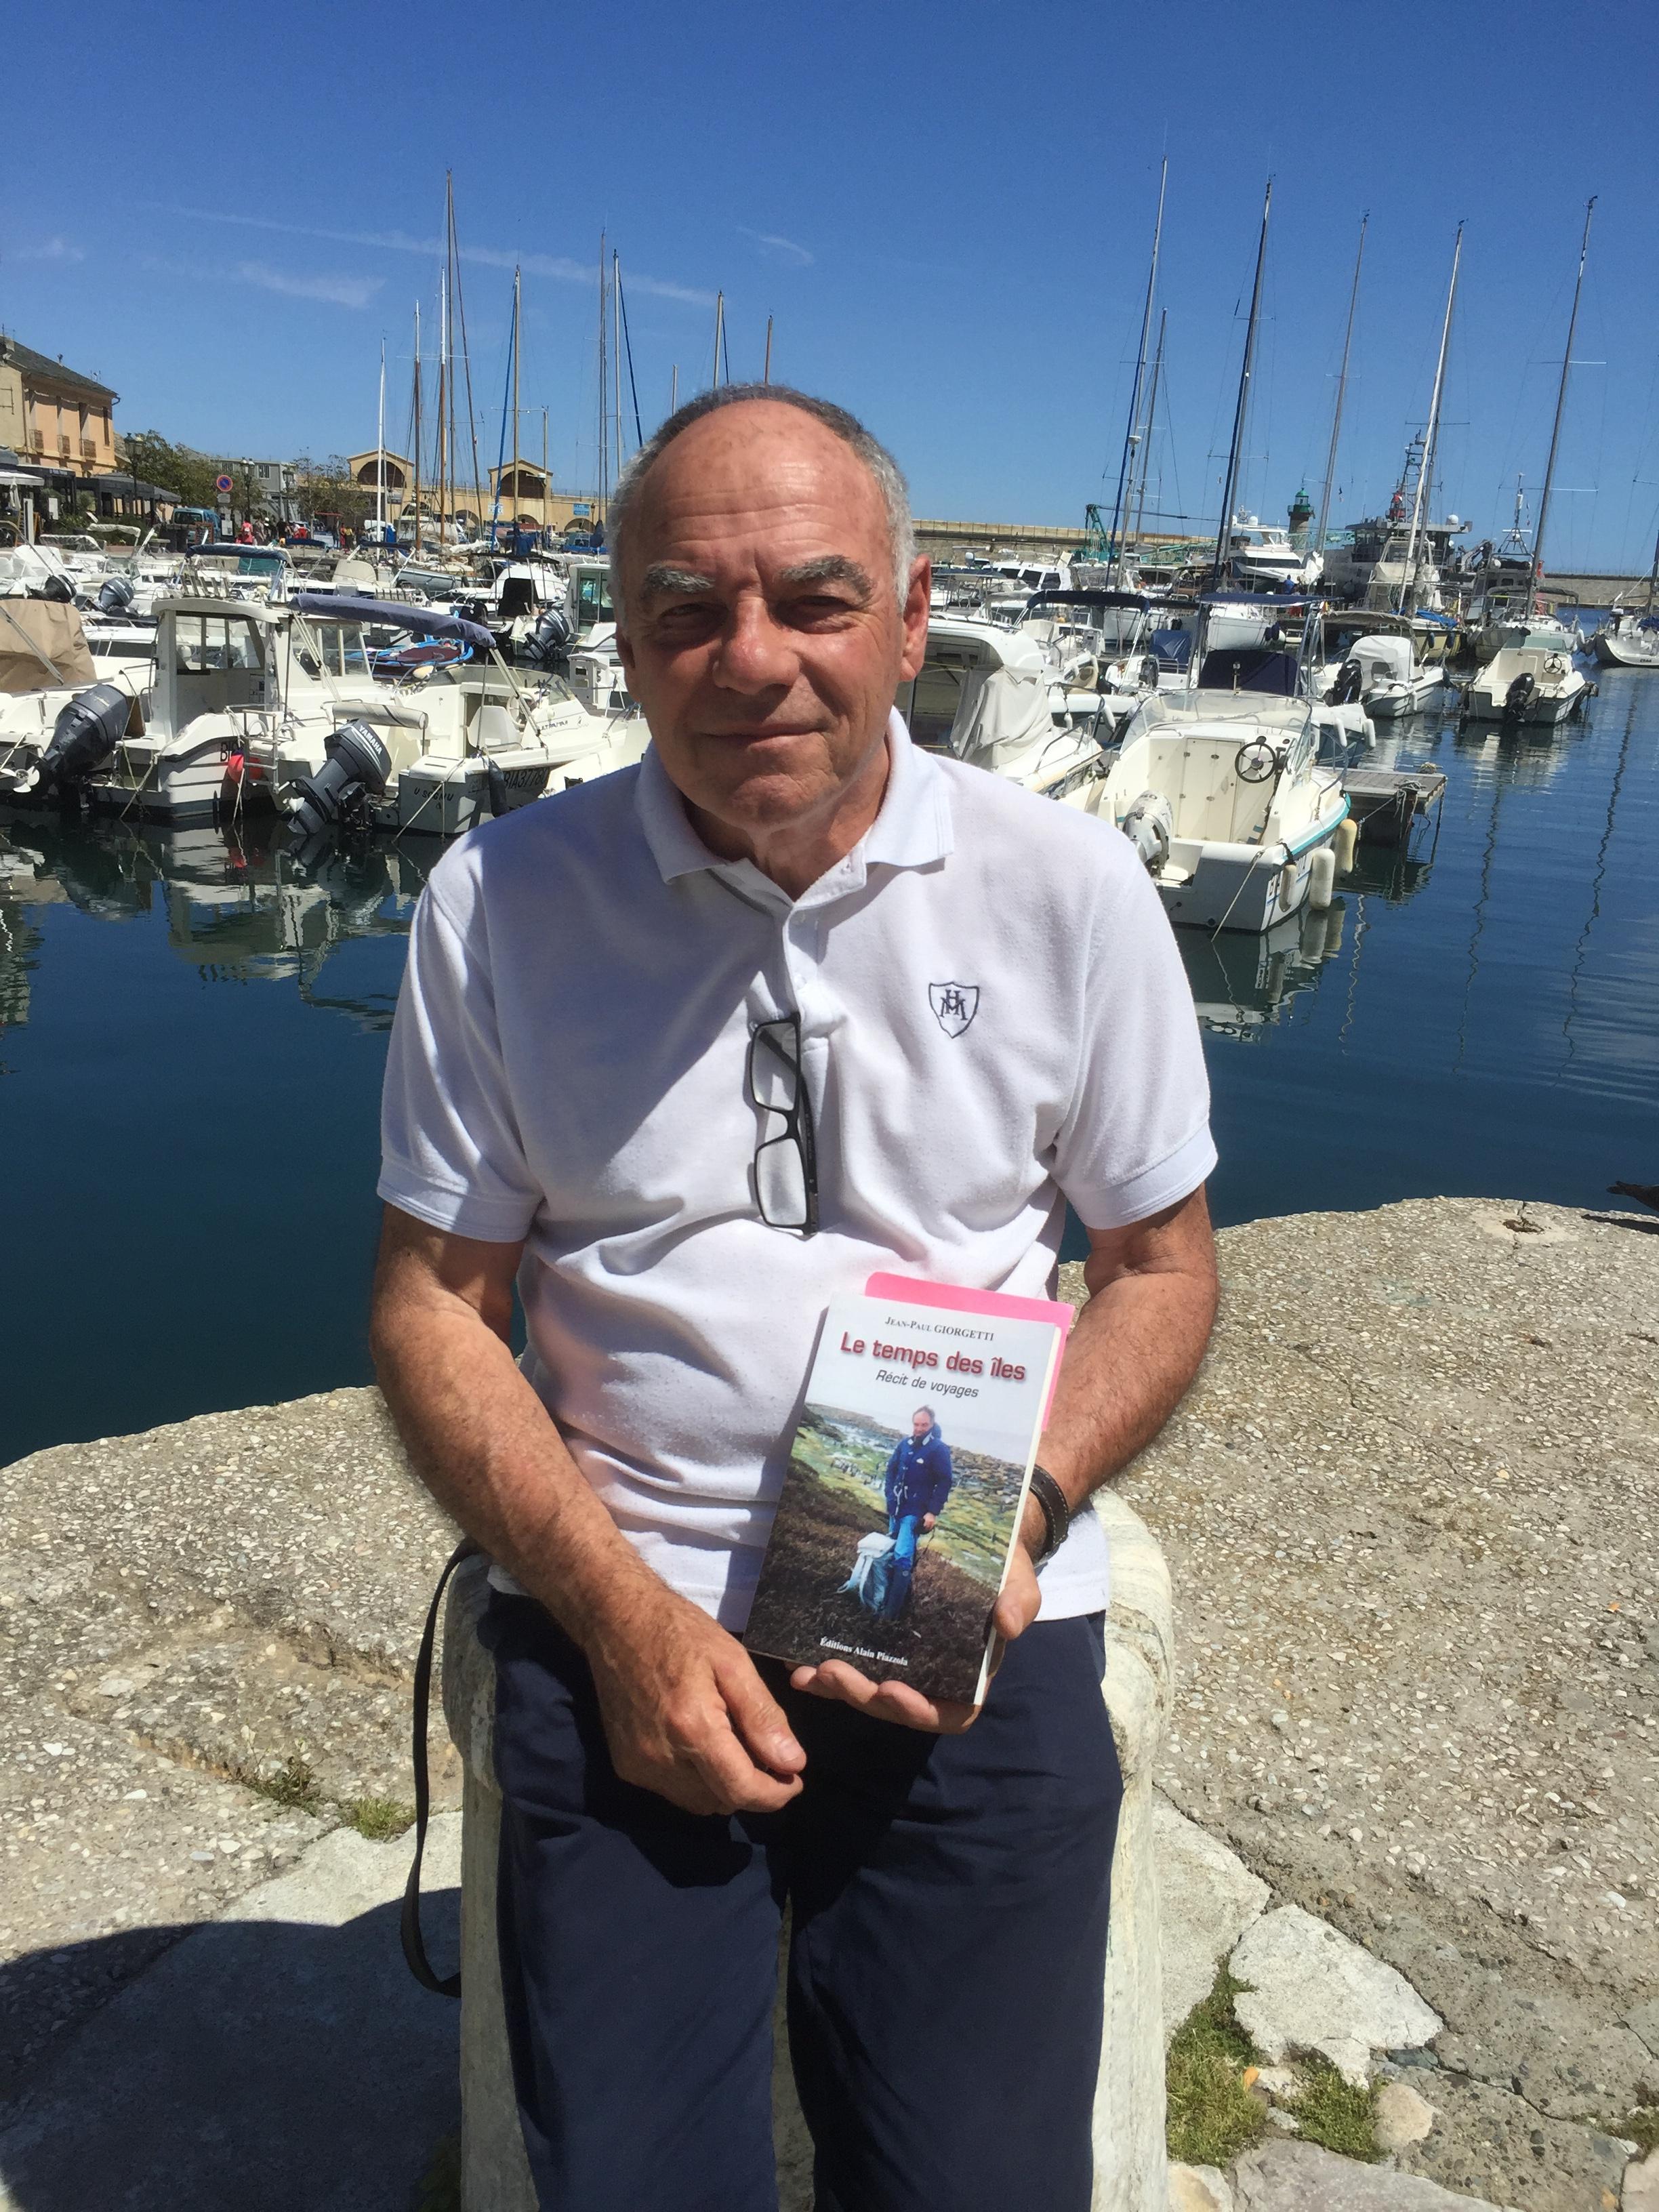 Livres : Un tour des îles passionnant avec pour guide le météorologue Jean-Paul Giorgetti